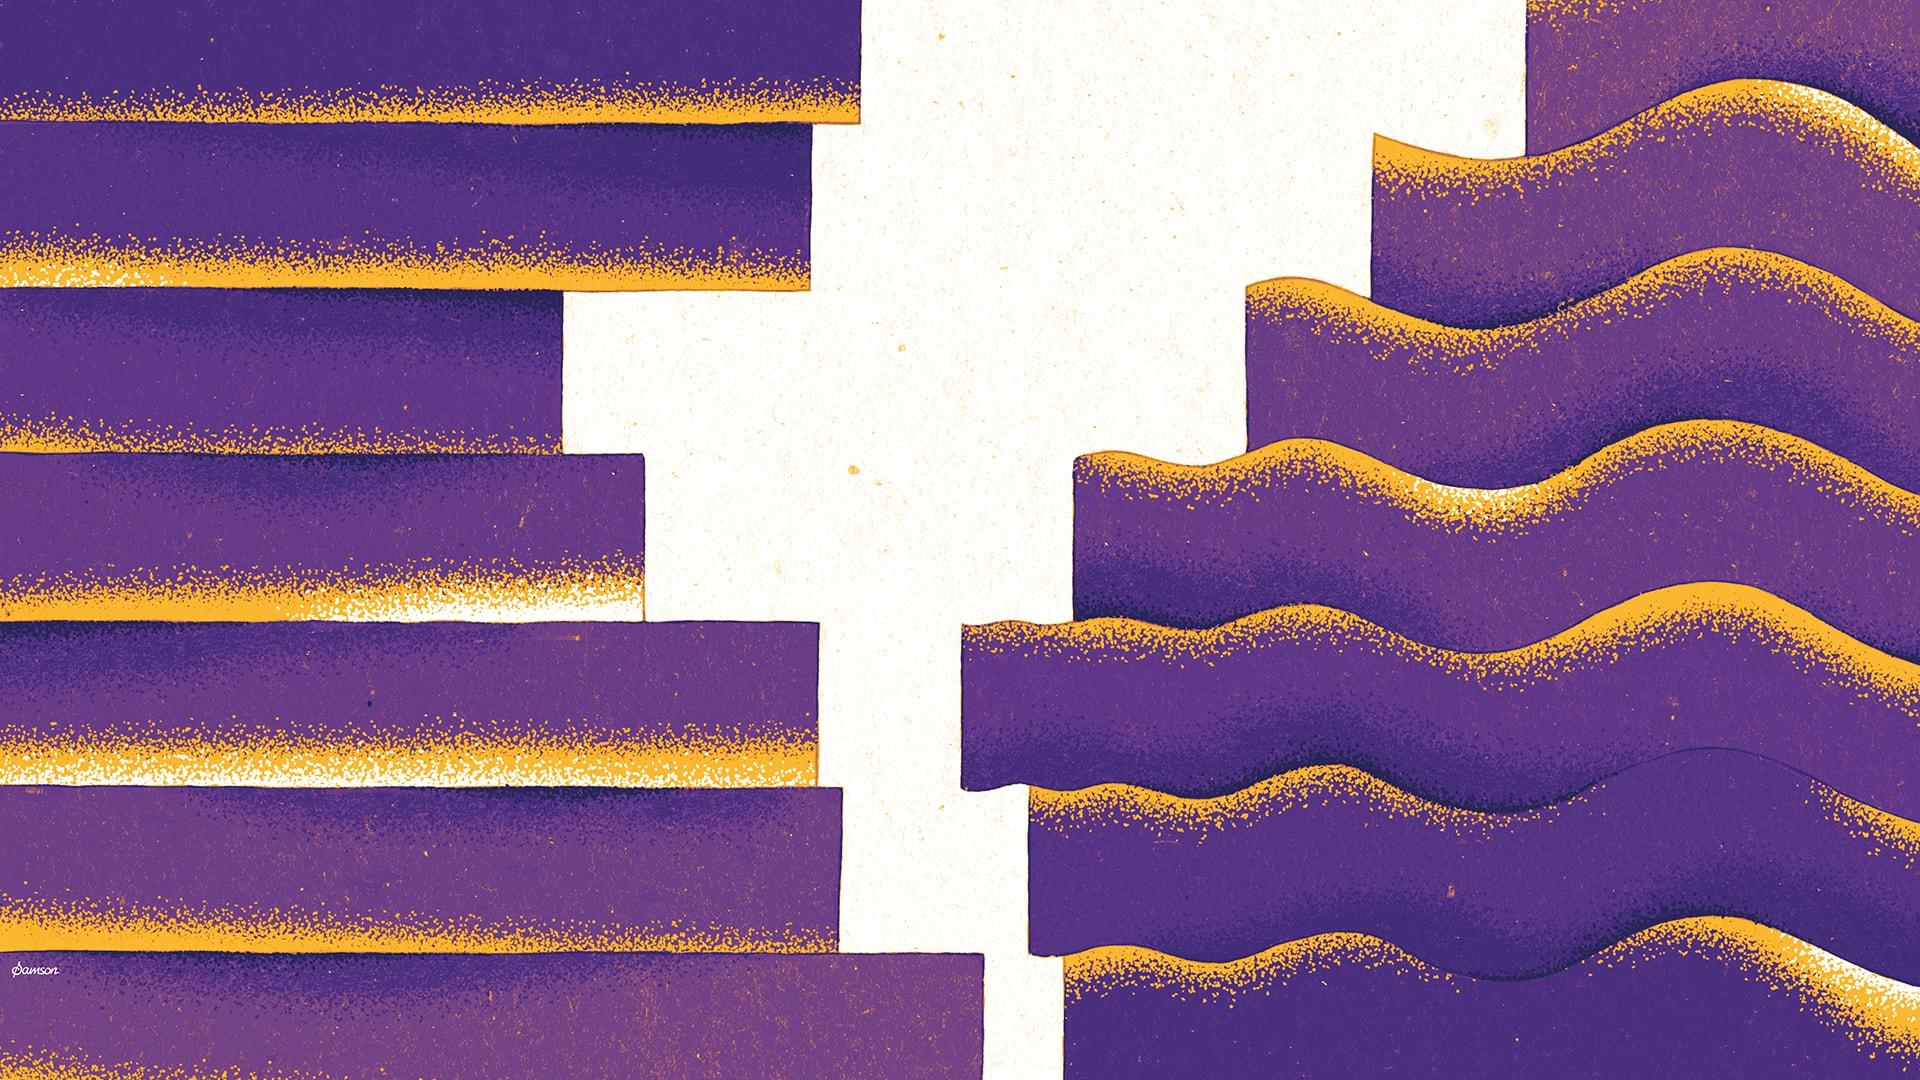 ilustracja grzegorza samsona do tekstu joanny orskiej I Mały Format